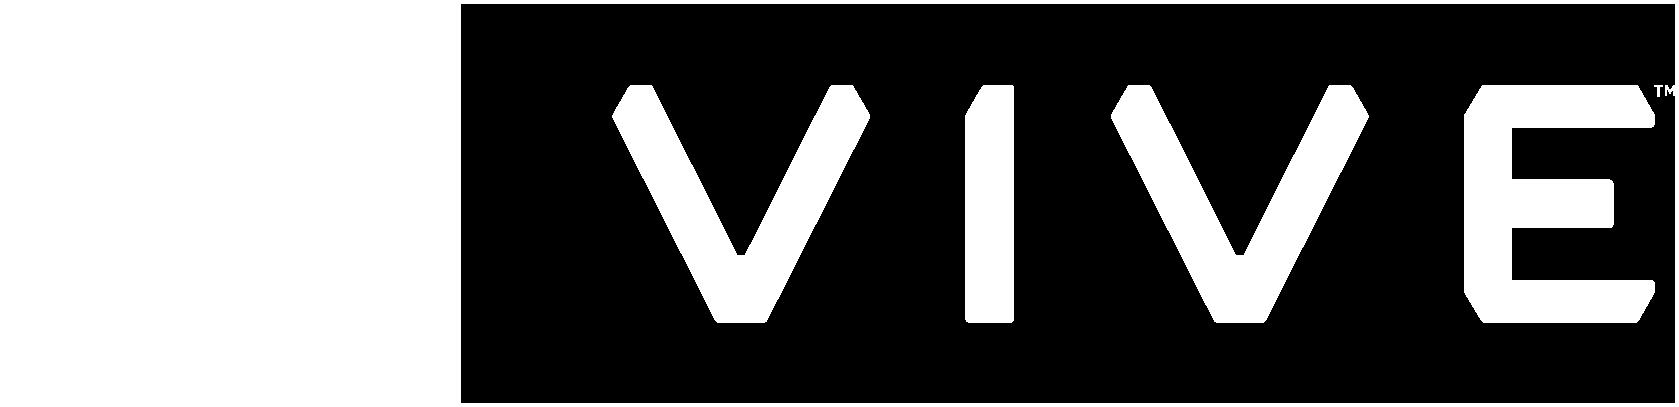 vive vector logo